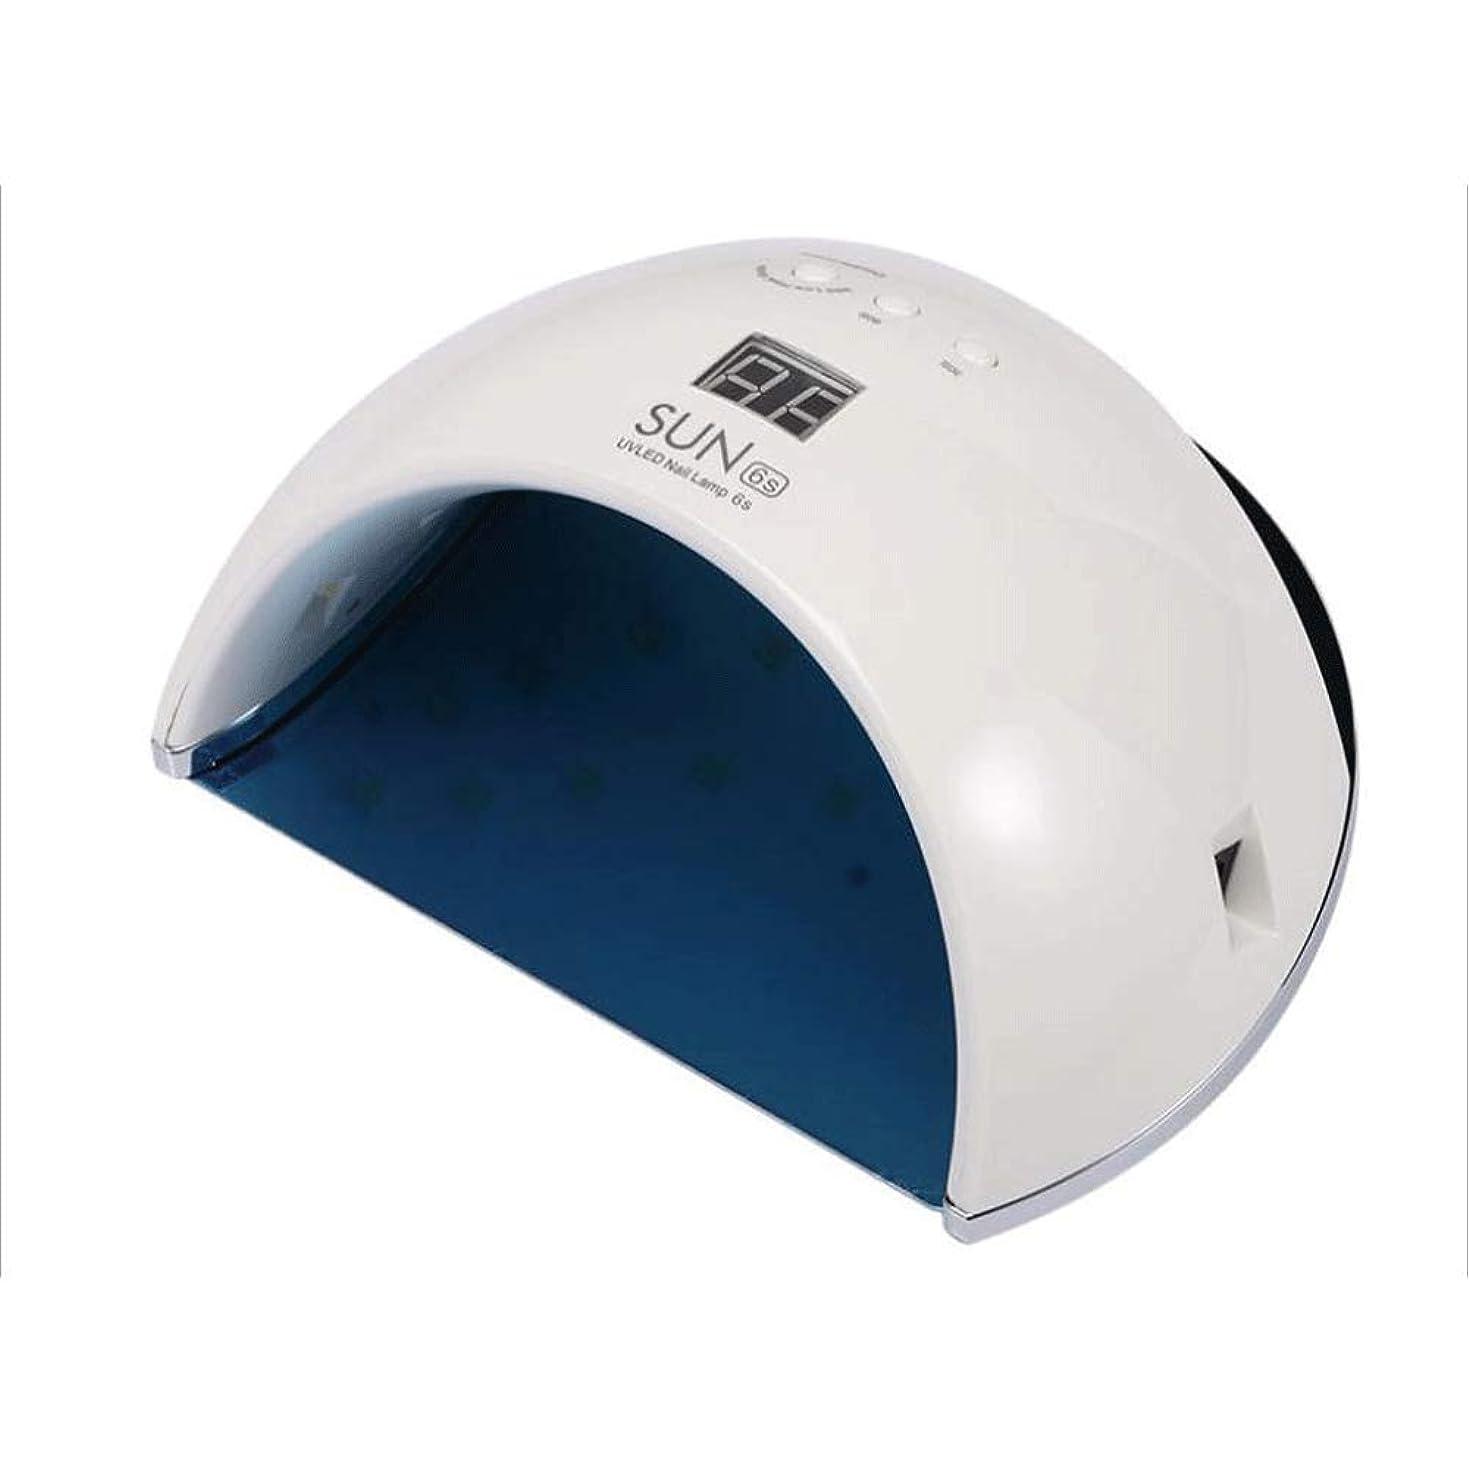 治安判事くすぐったいピラミッドネイル光線療法機 ネイルドライヤー - LEDネイルライトUVゲルネイルドライヤー自動センサー硬化ライトジェル研磨用 (色 : 白)